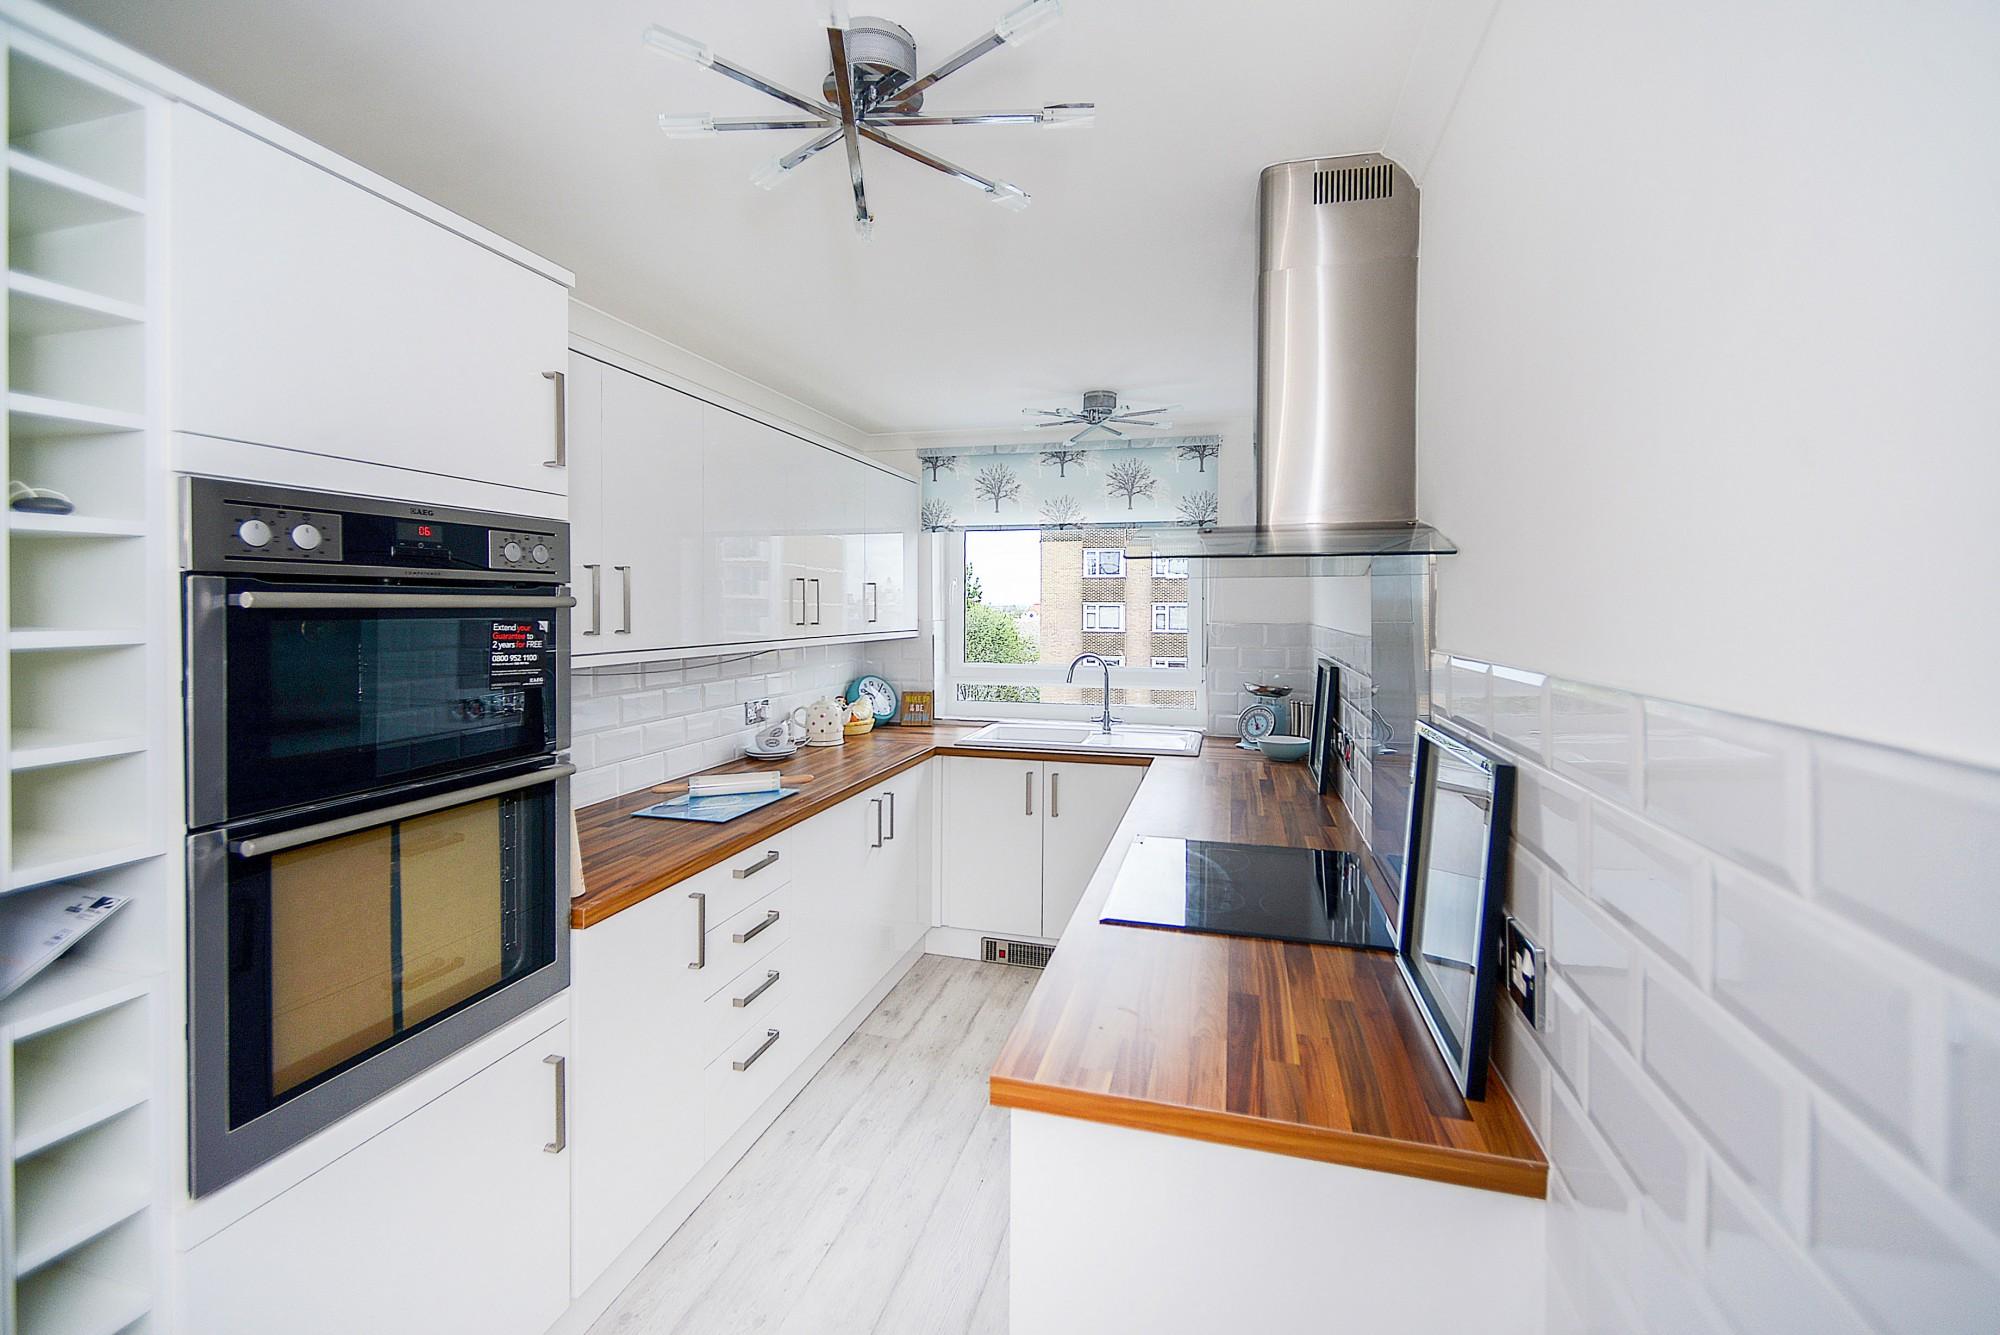 Kitchens | Kitchen Installation Services in Eastbourne